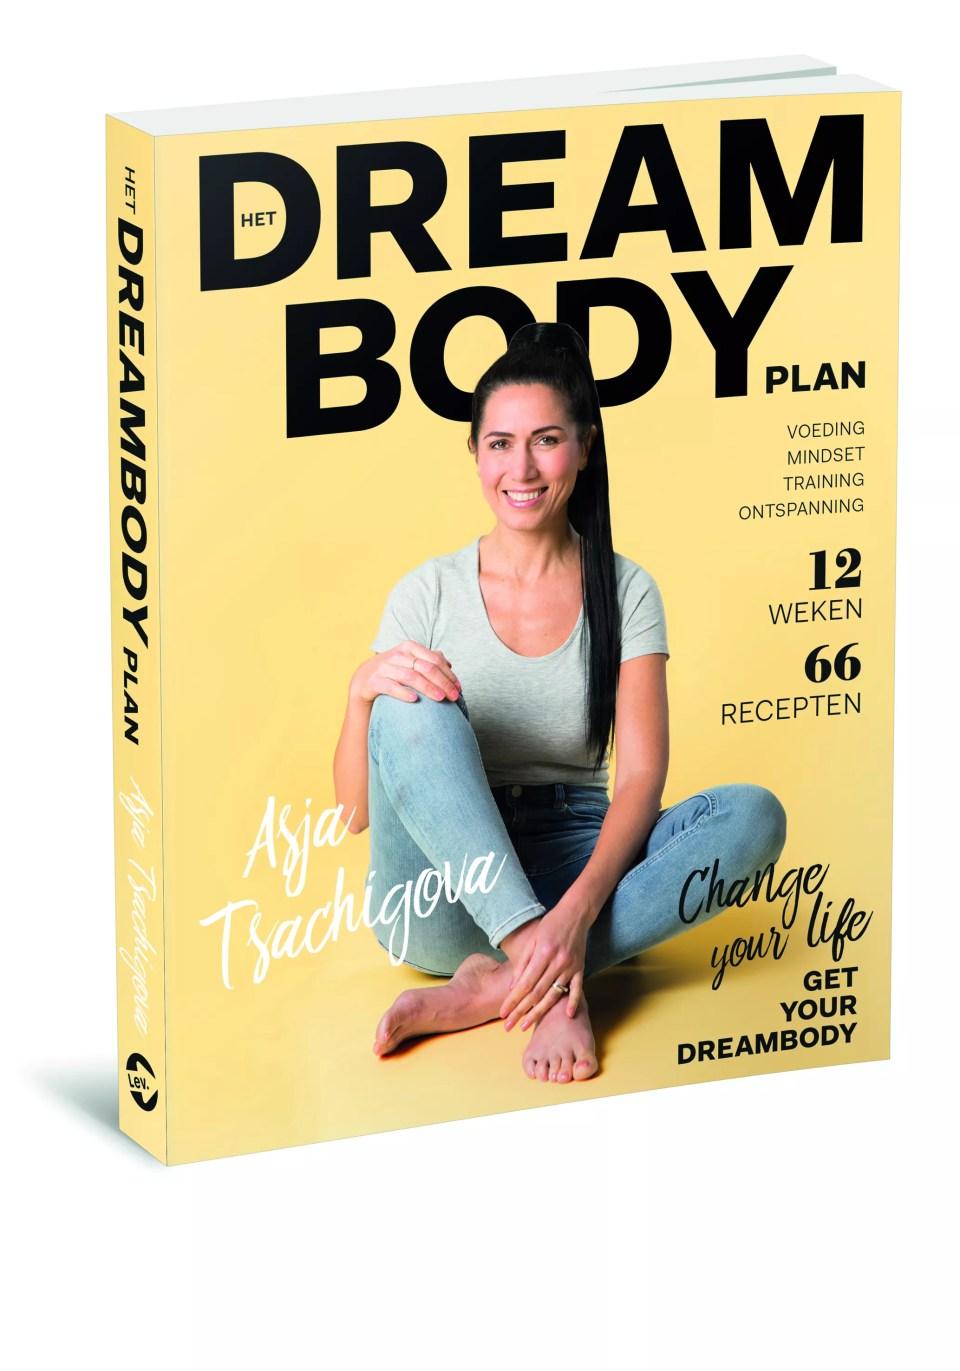 Het Dreambody Plan Asja Tsachigova